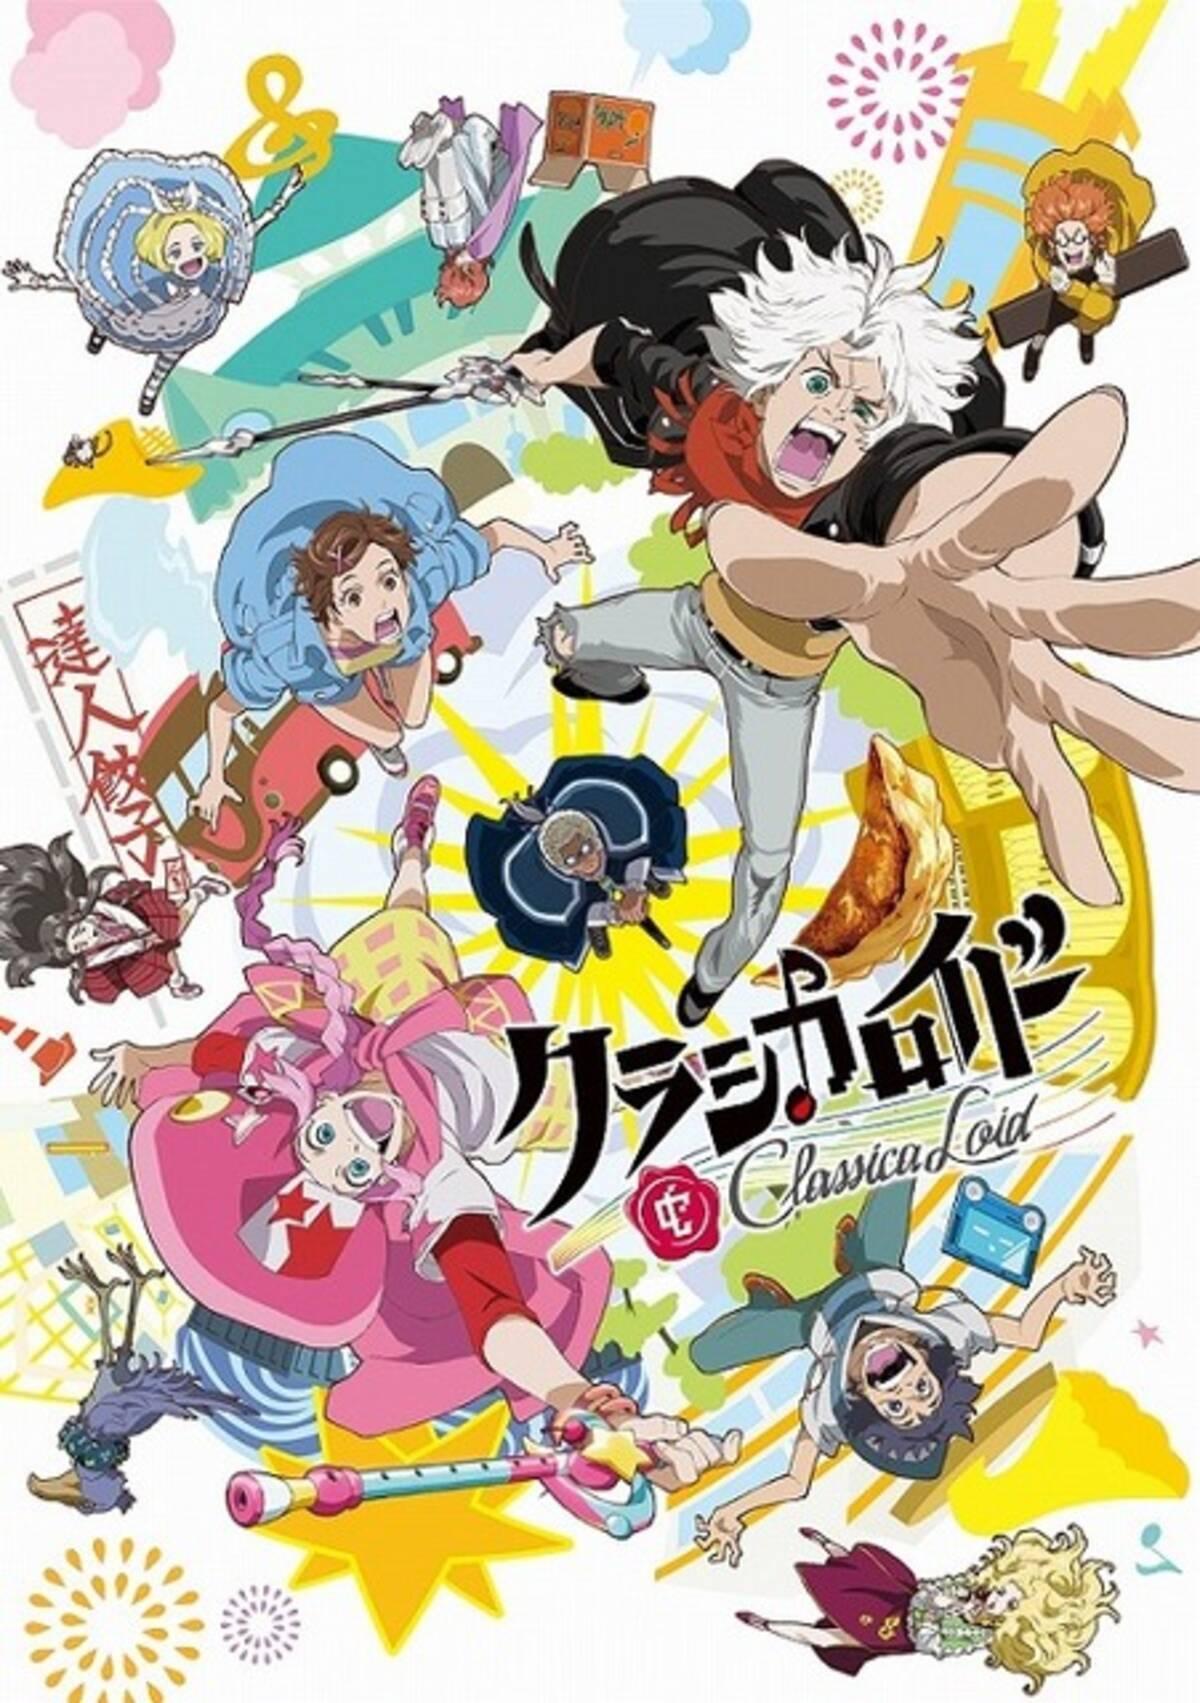 好きなnhk放送アニメは 3位 忍たま乱太郎 2位 クラシカロイド 1位は 年2月1日 エキサイトニュース